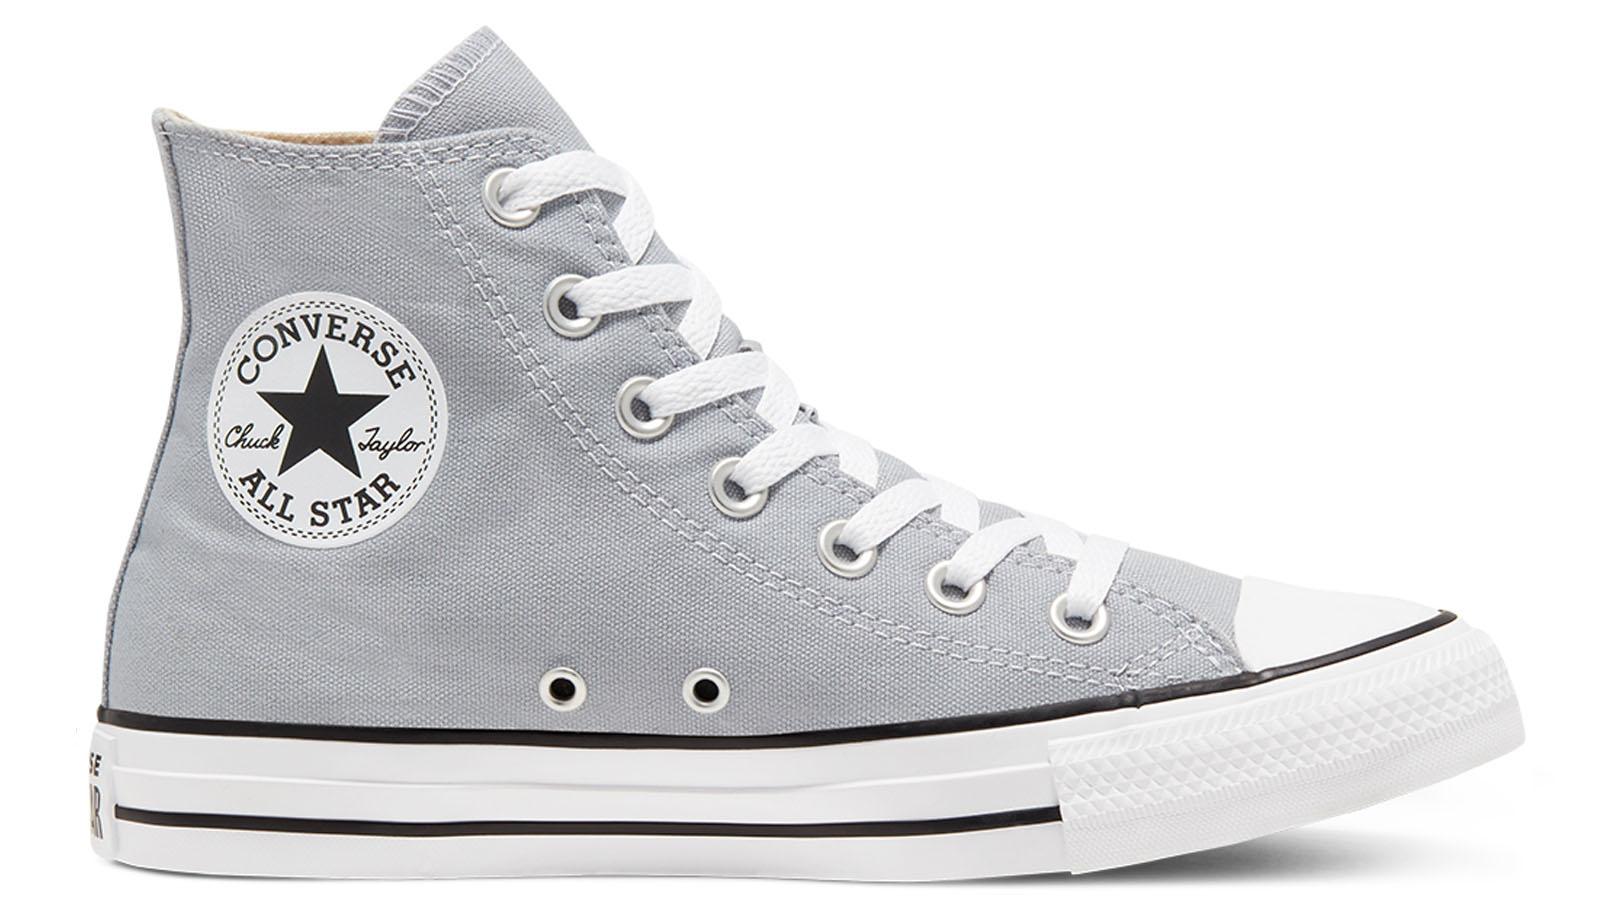 converse high top grey